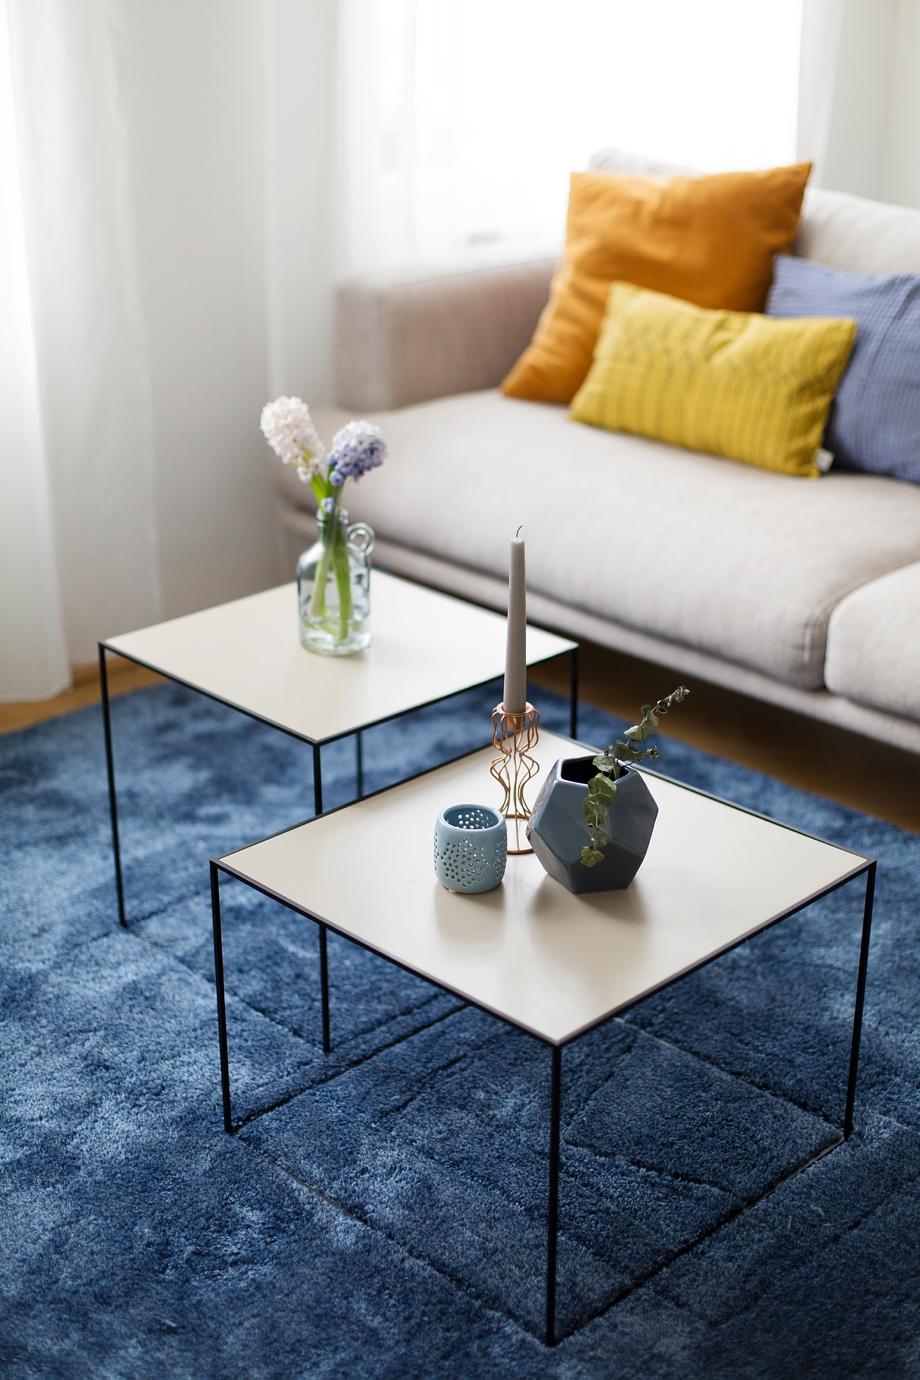 farbharmonie beim einrichten schoen bei dir wienerwohnsinn 0004 sch n bei dir by depot. Black Bedroom Furniture Sets. Home Design Ideas